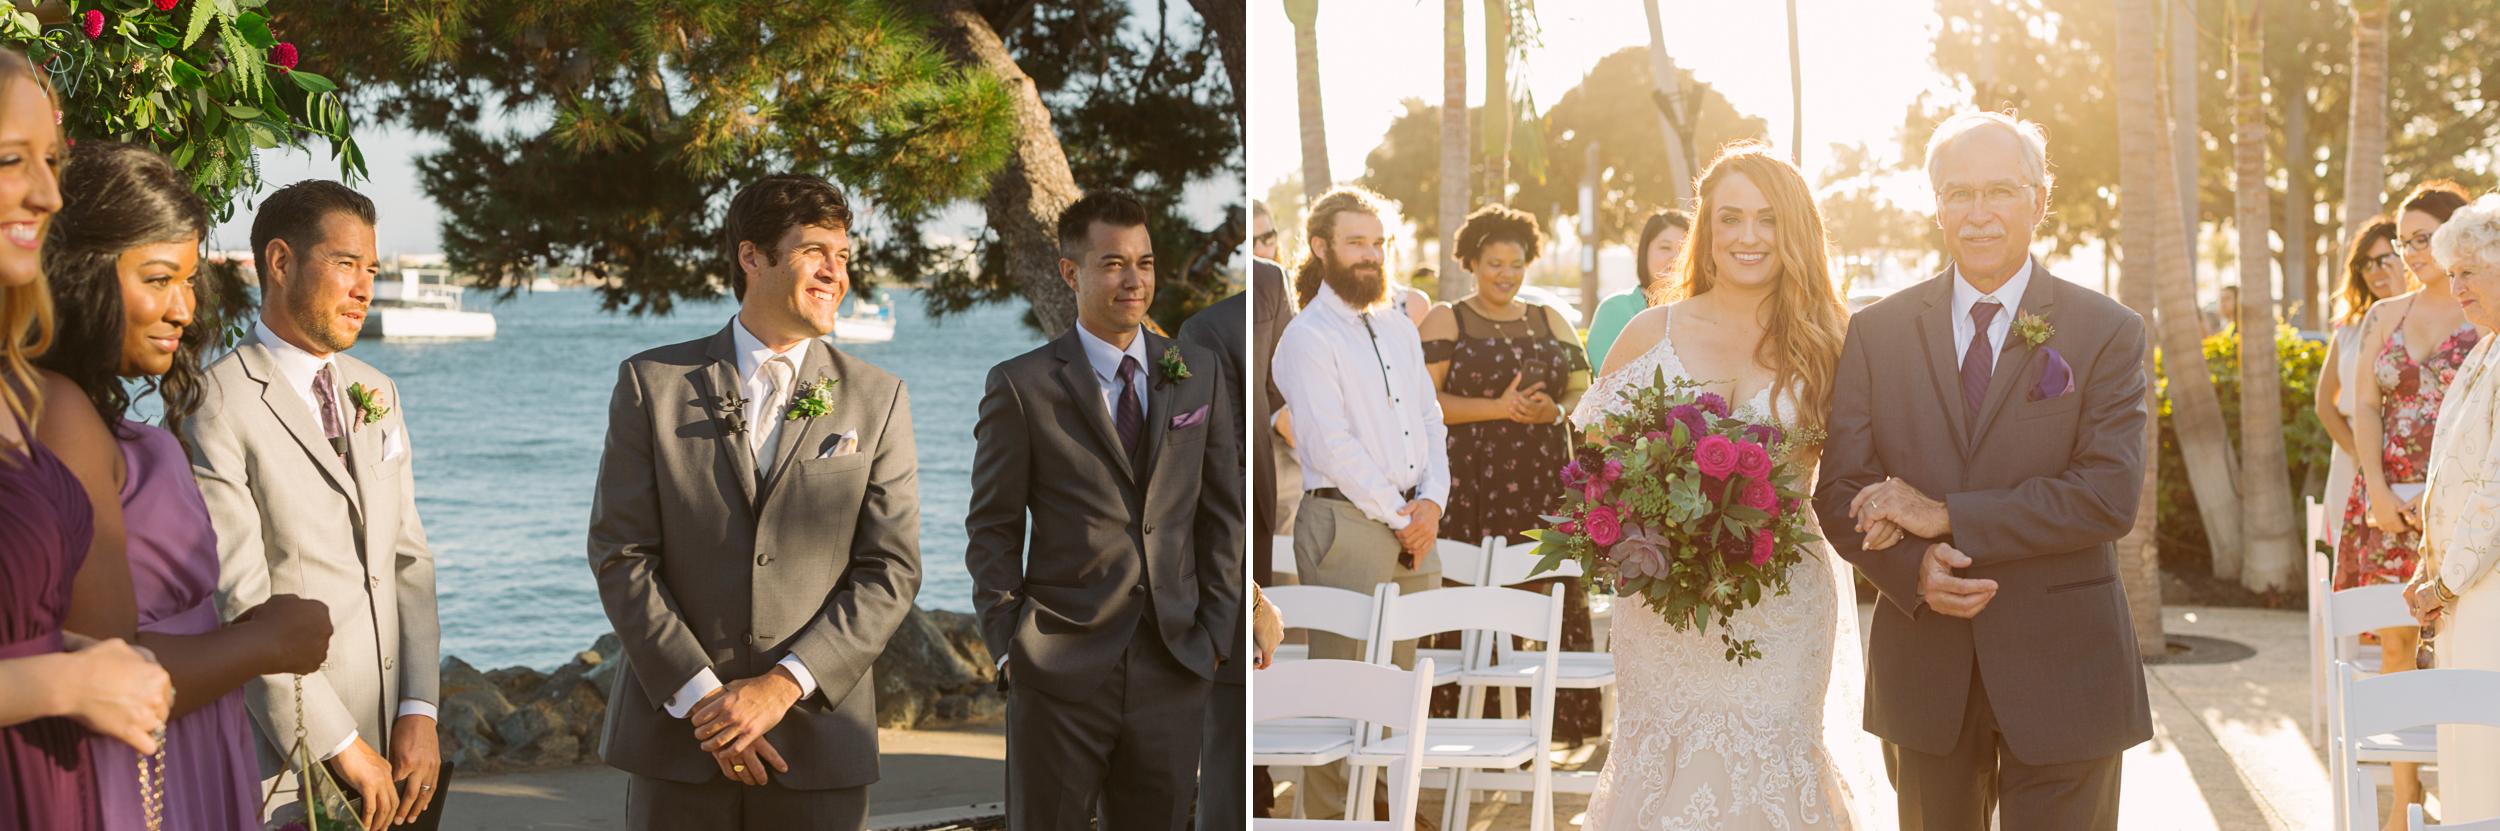 141San.diego.wedding.shewanders.photography.JPG